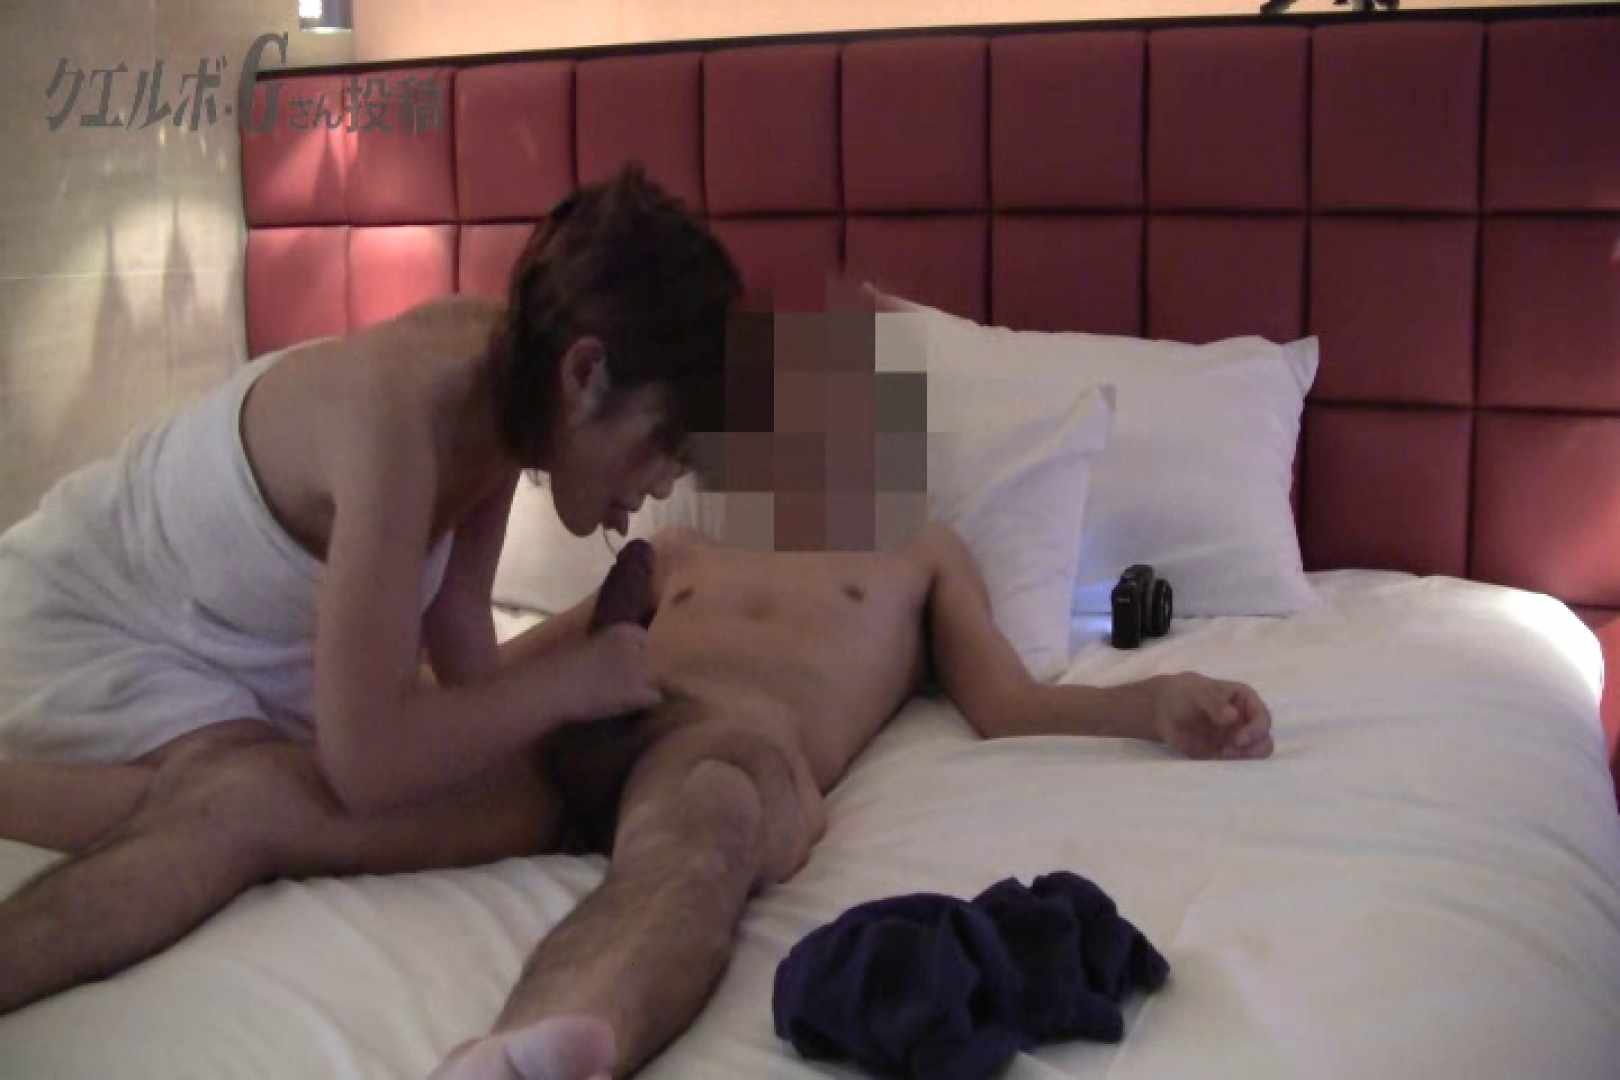 クエルボ・Gさん投稿 30歳人妻さんとの×××vol.4 スケベ  90pic 17